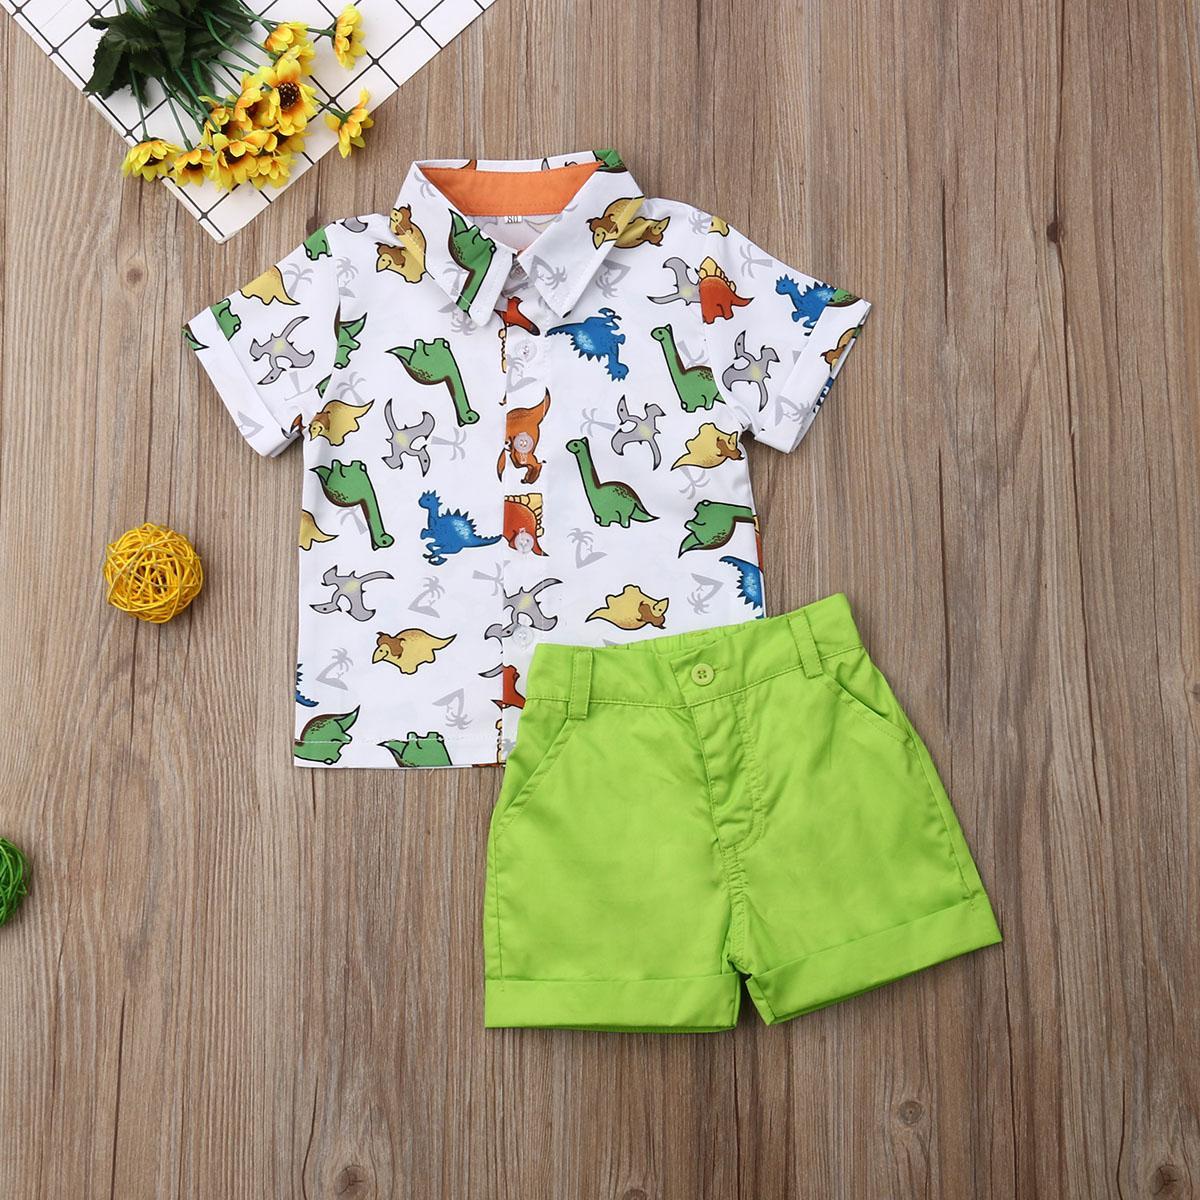 Verano del niño del bebé de la ropa de múltiples dinosaurio Imprimir tapas de la camisa de los pantalones cortos 2pcs equipos ocasionales ropa de verano